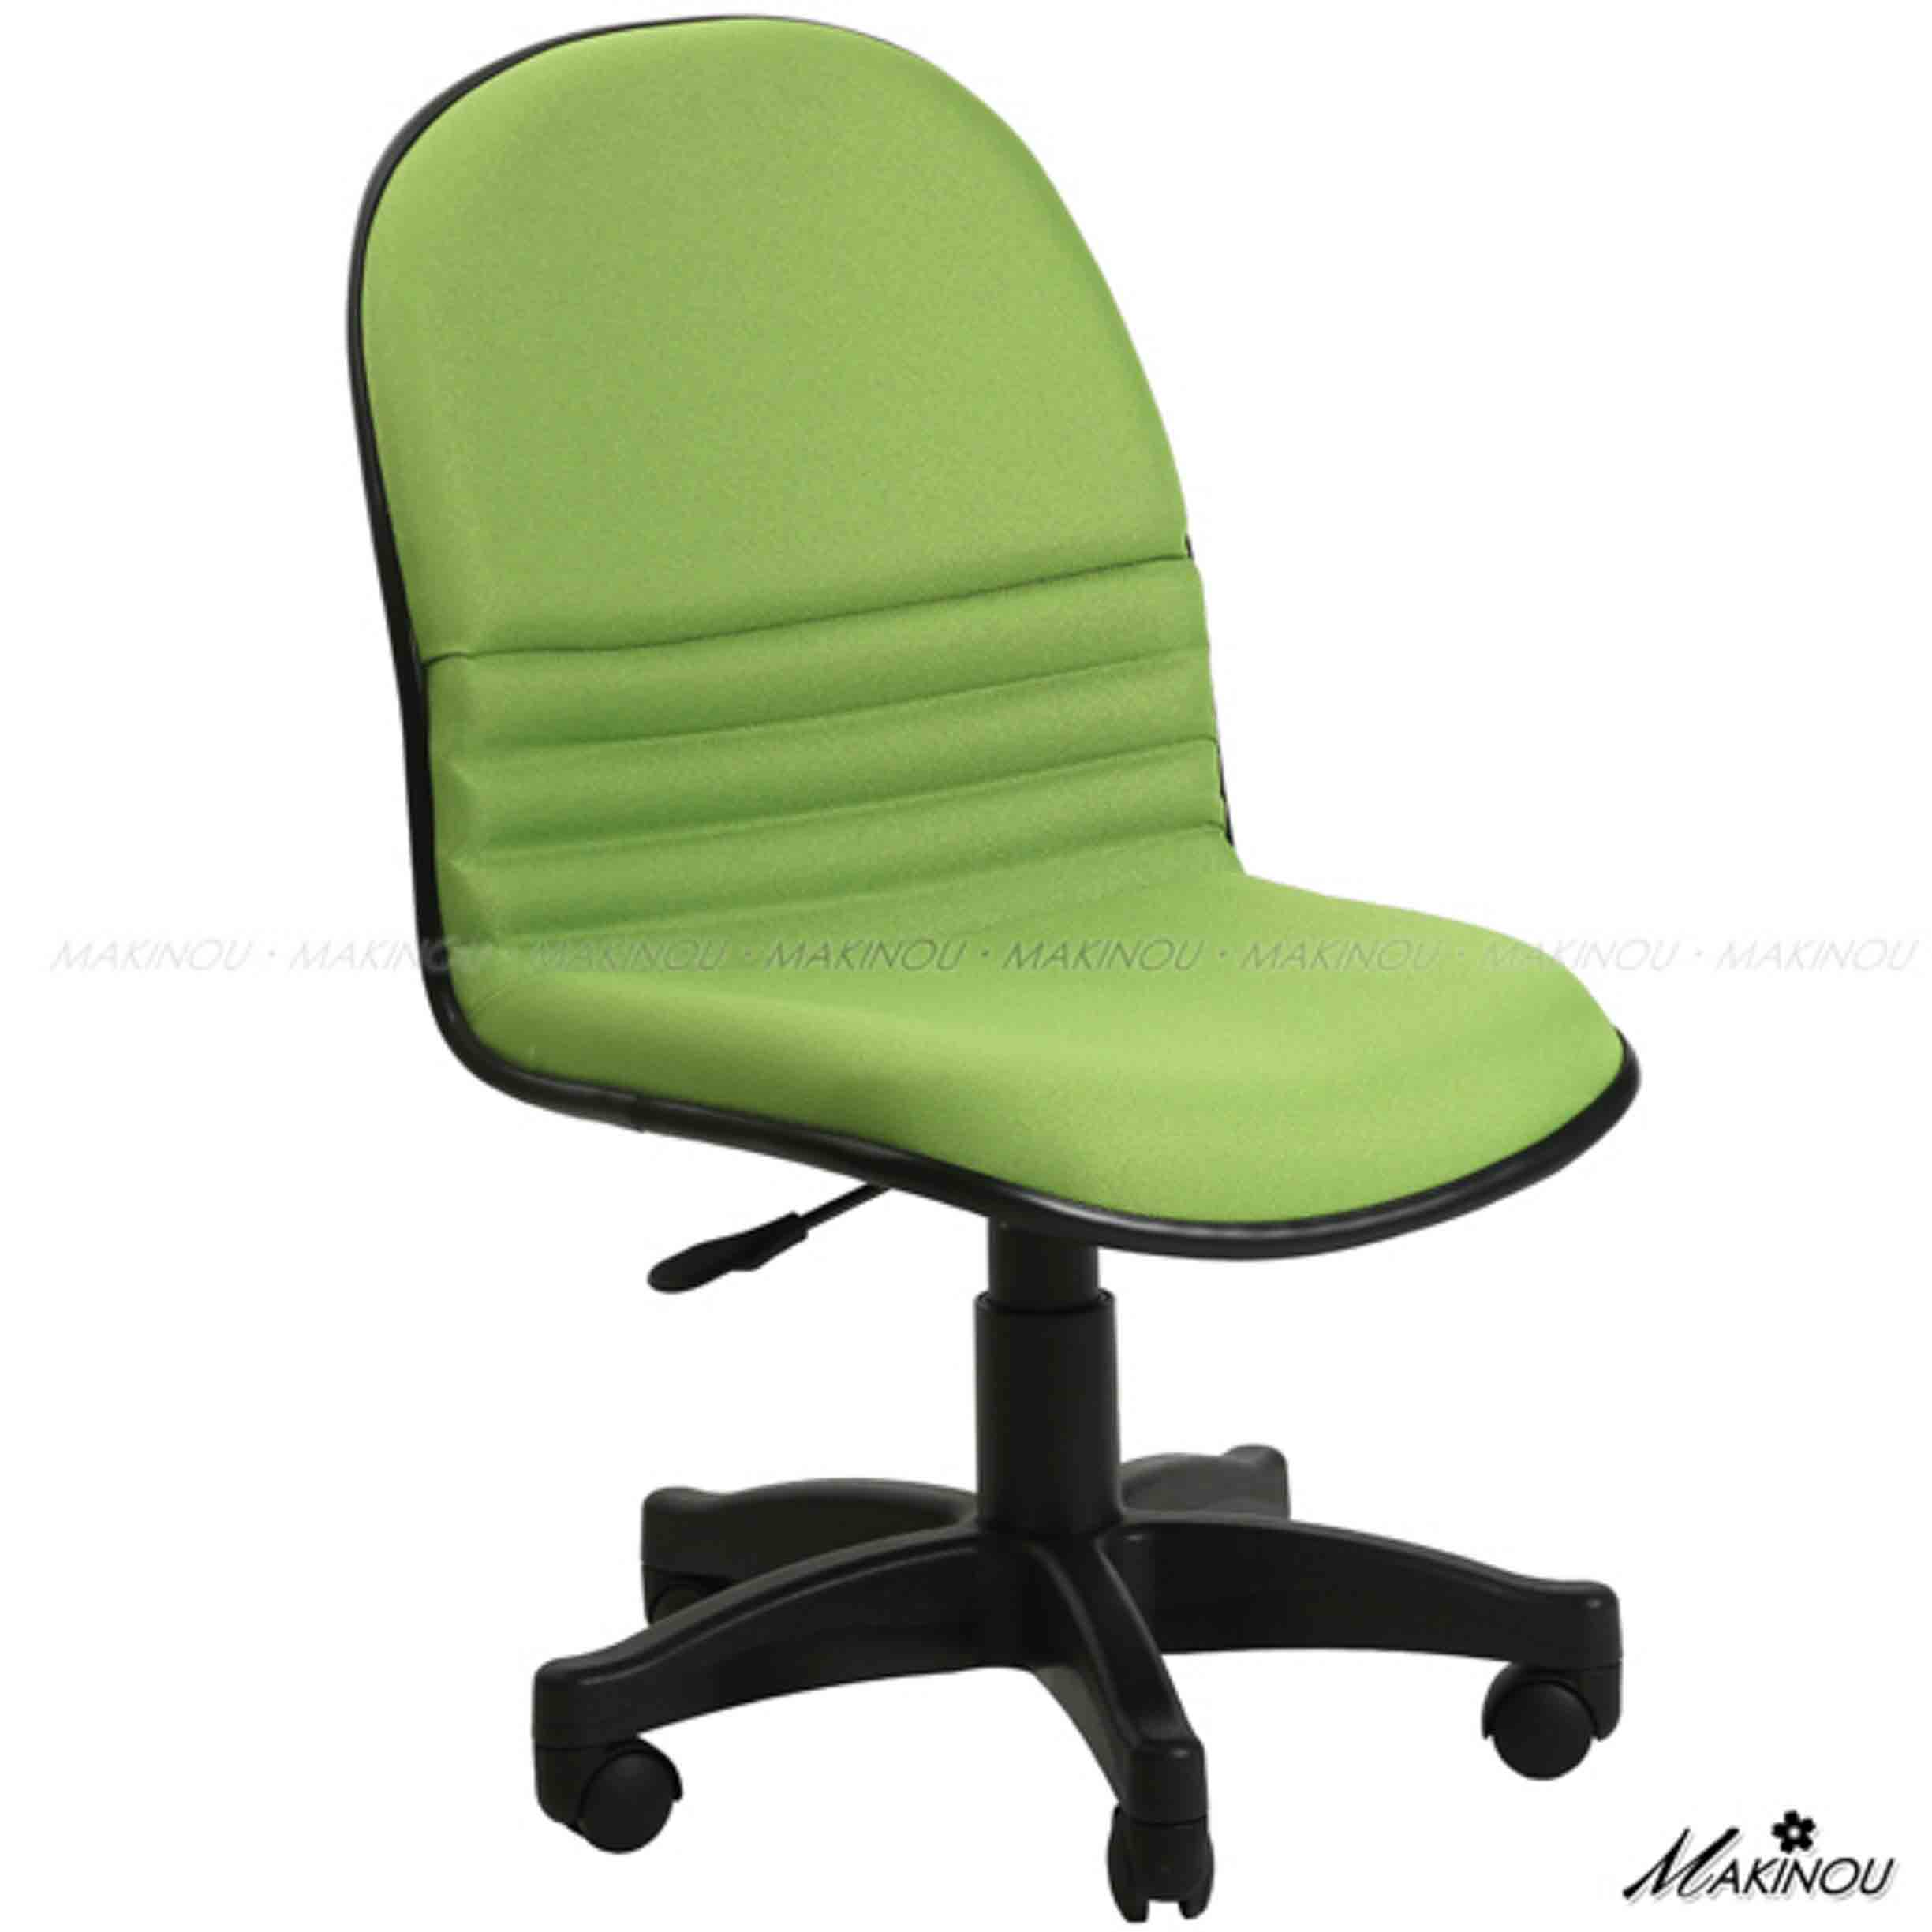 免運下殺|日本MAKINOU繽紛馬卡龍PU辦公電腦椅-台灣製|日本牧野 免組裝書桌椅 電競專用 牧野丁丁MAKINOU